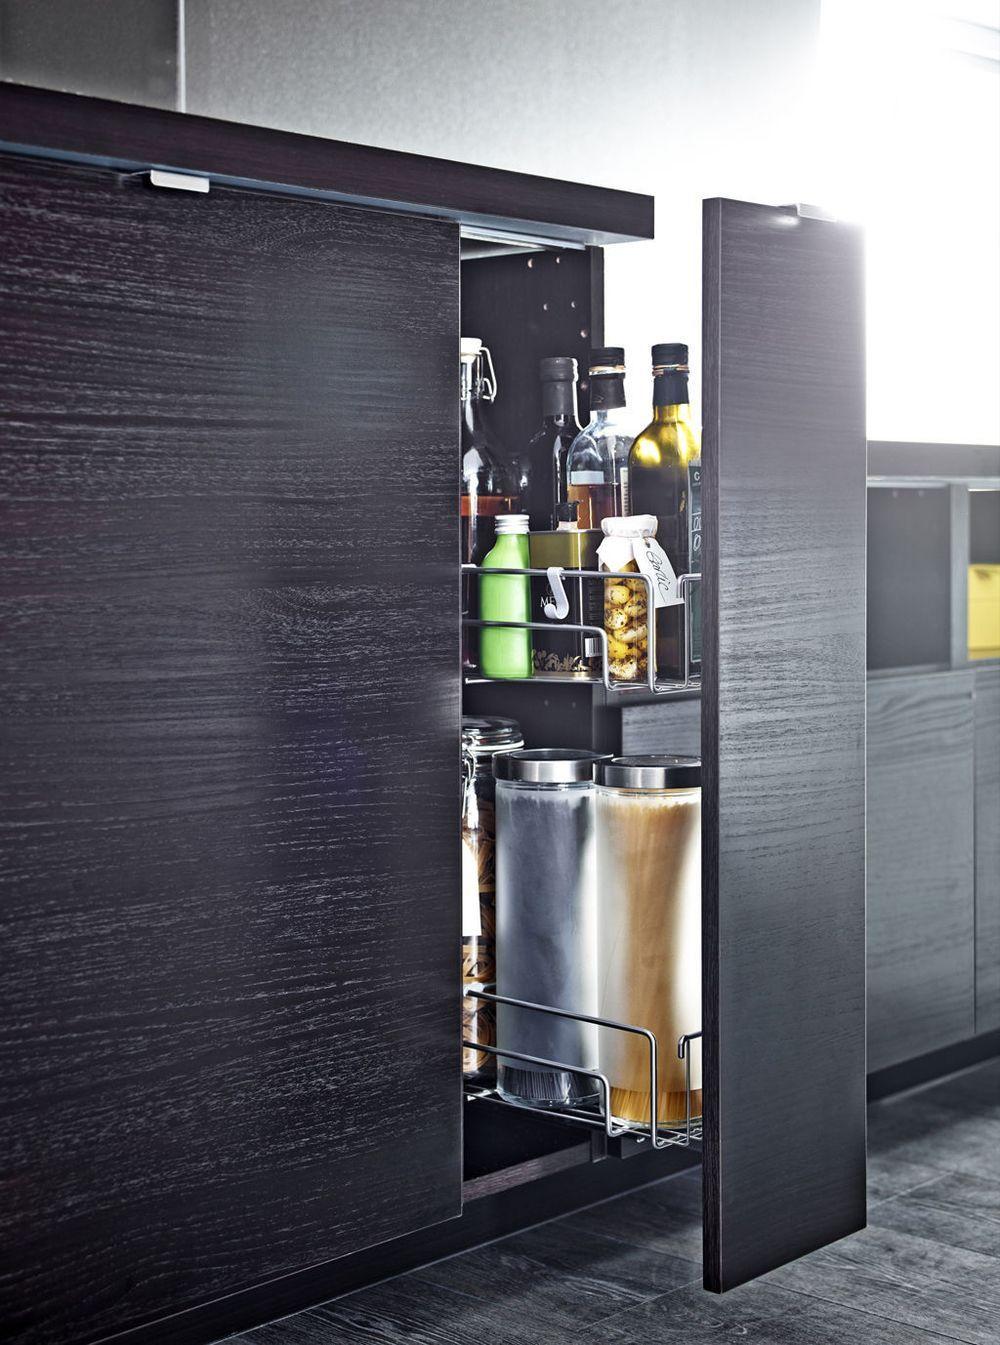 Cuisine Ikea Metod Les Photos Pour Creer Votre Cuisine En 2020 Cuisine Ikea Rangement Cuisine Caisson Cuisine